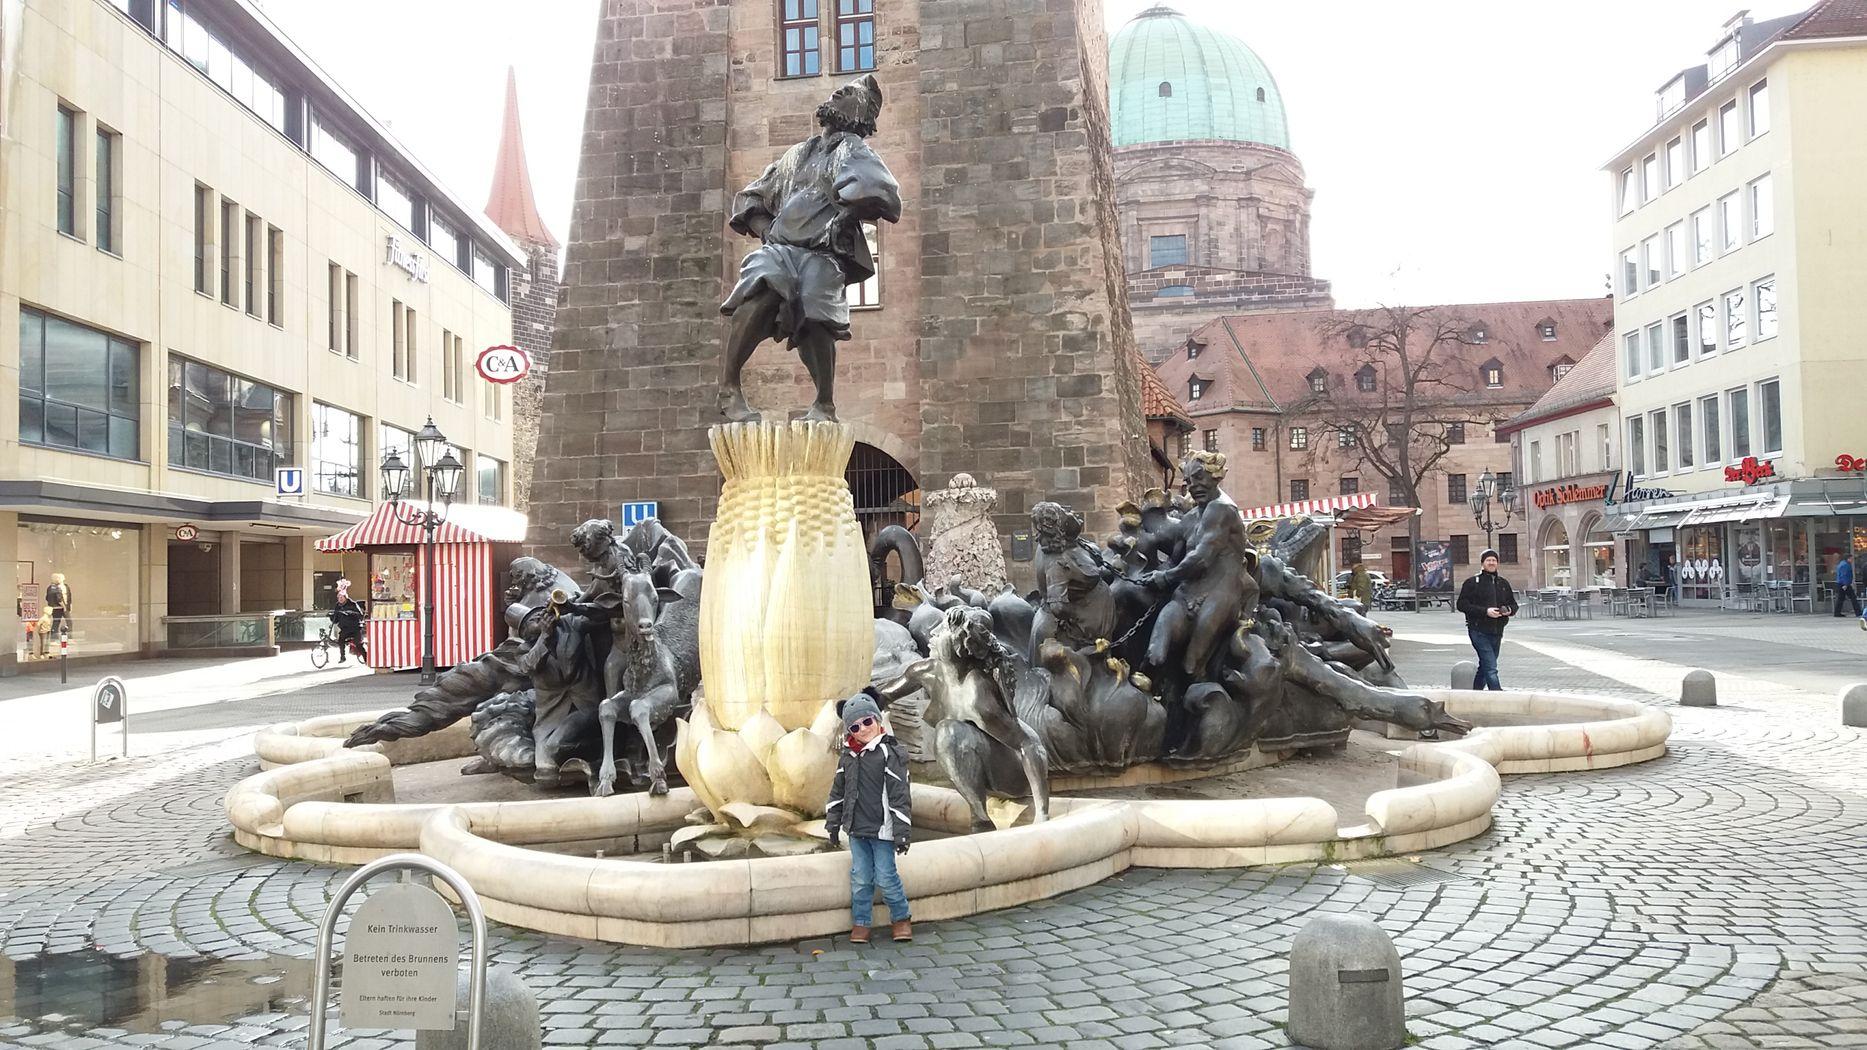 Norimberk - kašna Ehekarussell